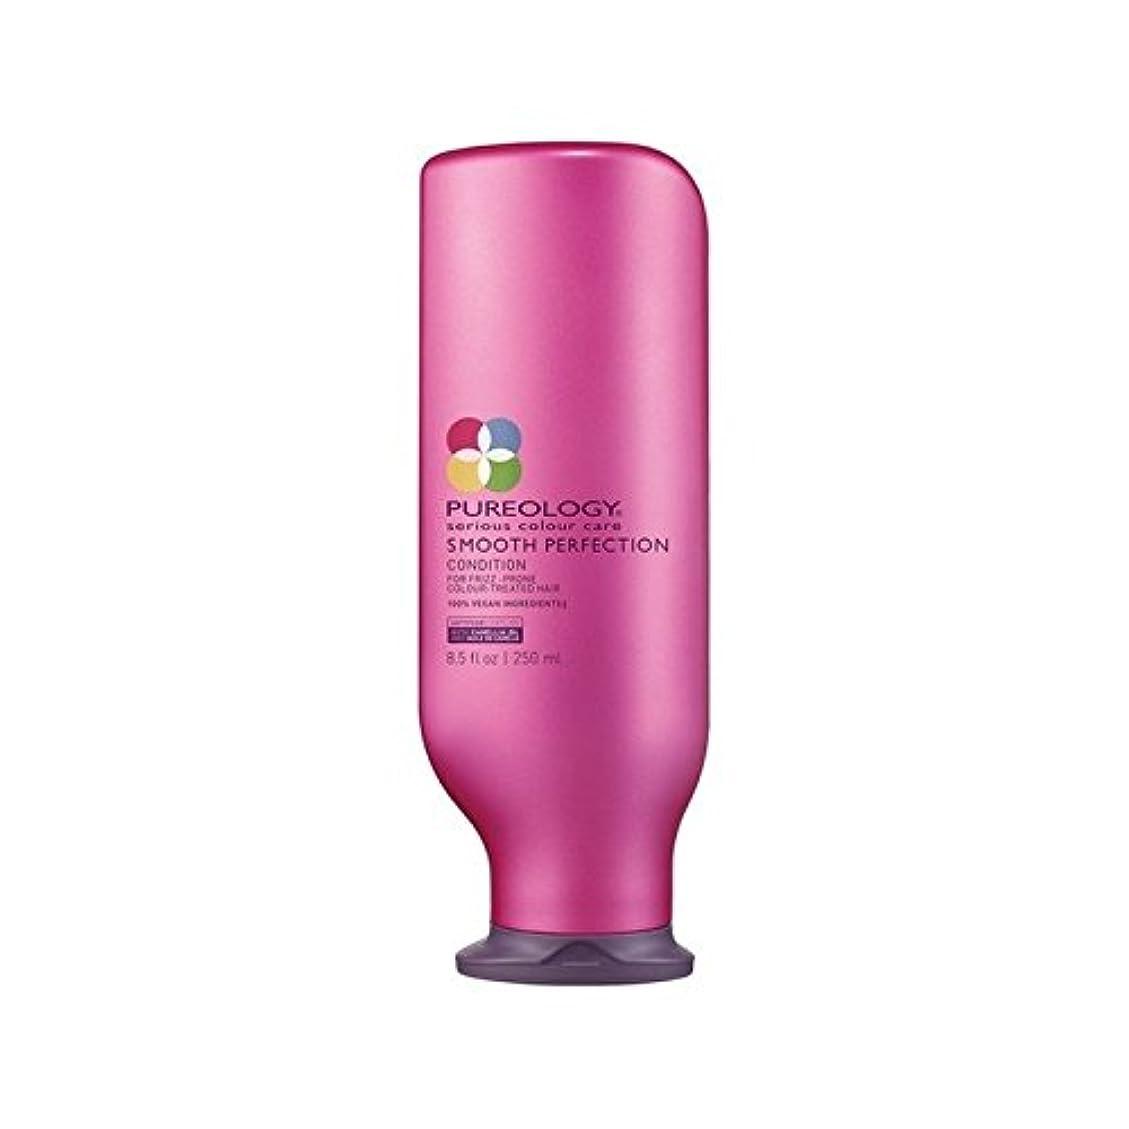 振り返る同様に流体Pureology Smooth Perfection Conditioner (250ml) - 平滑完全コンディショナー(250ミリリットル) [並行輸入品]